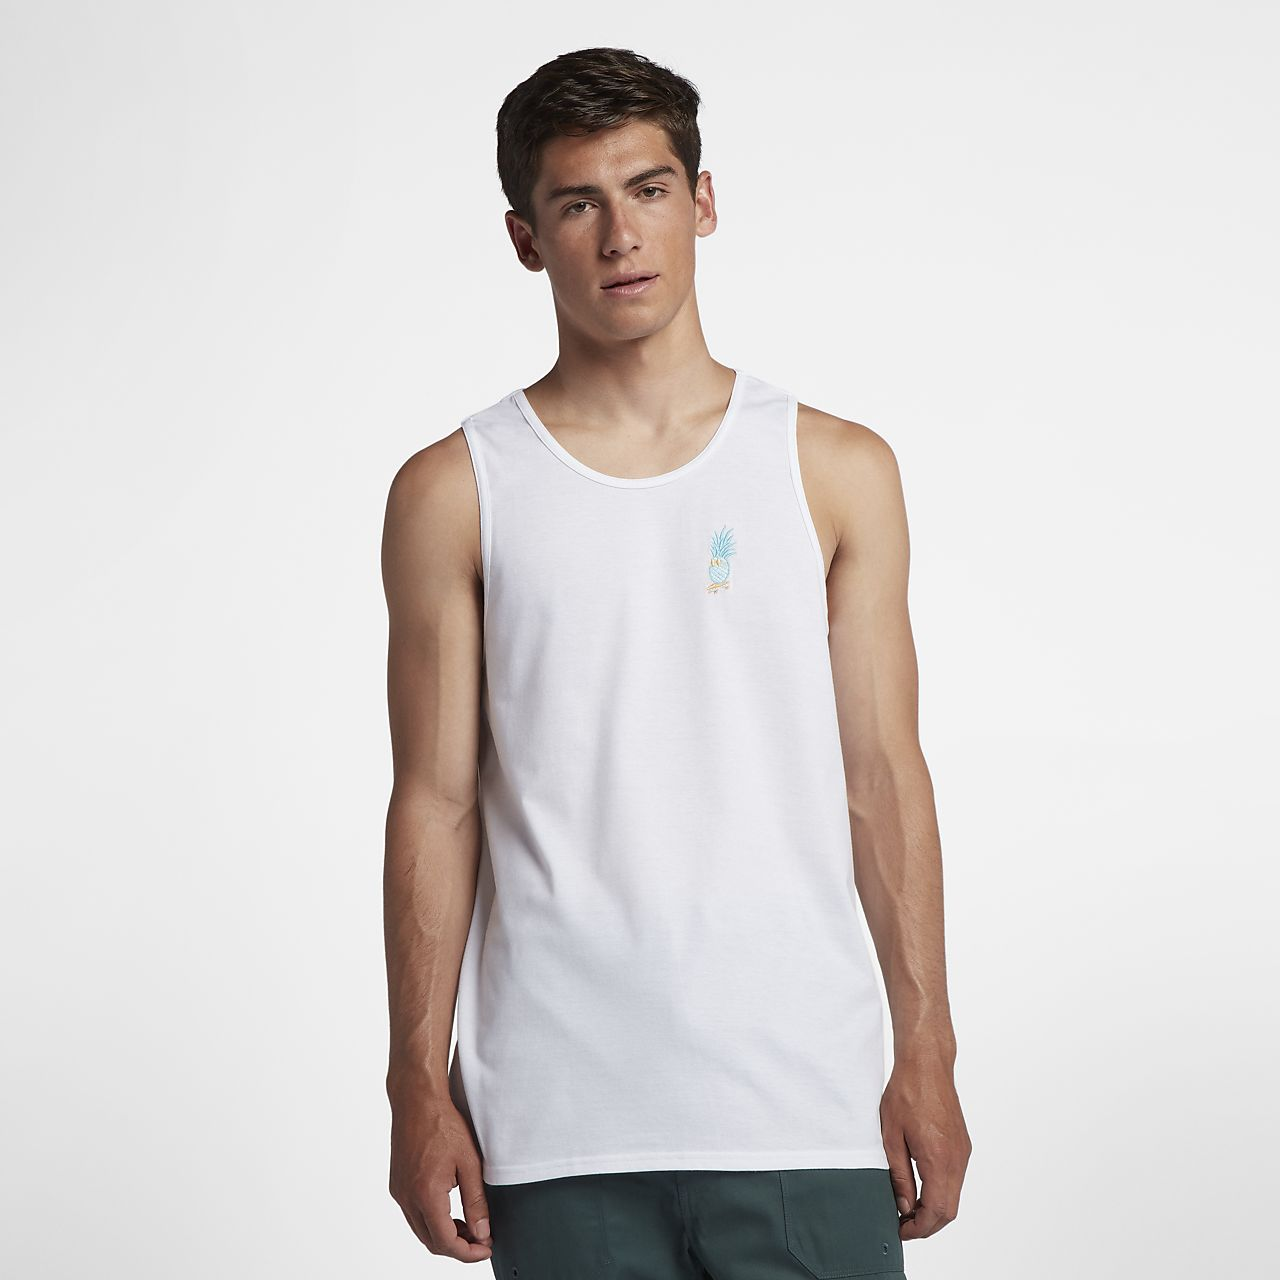 5b5a21d4e5602 Hurley Premium Juicy Vibe Men s Tank. Nike.com AU